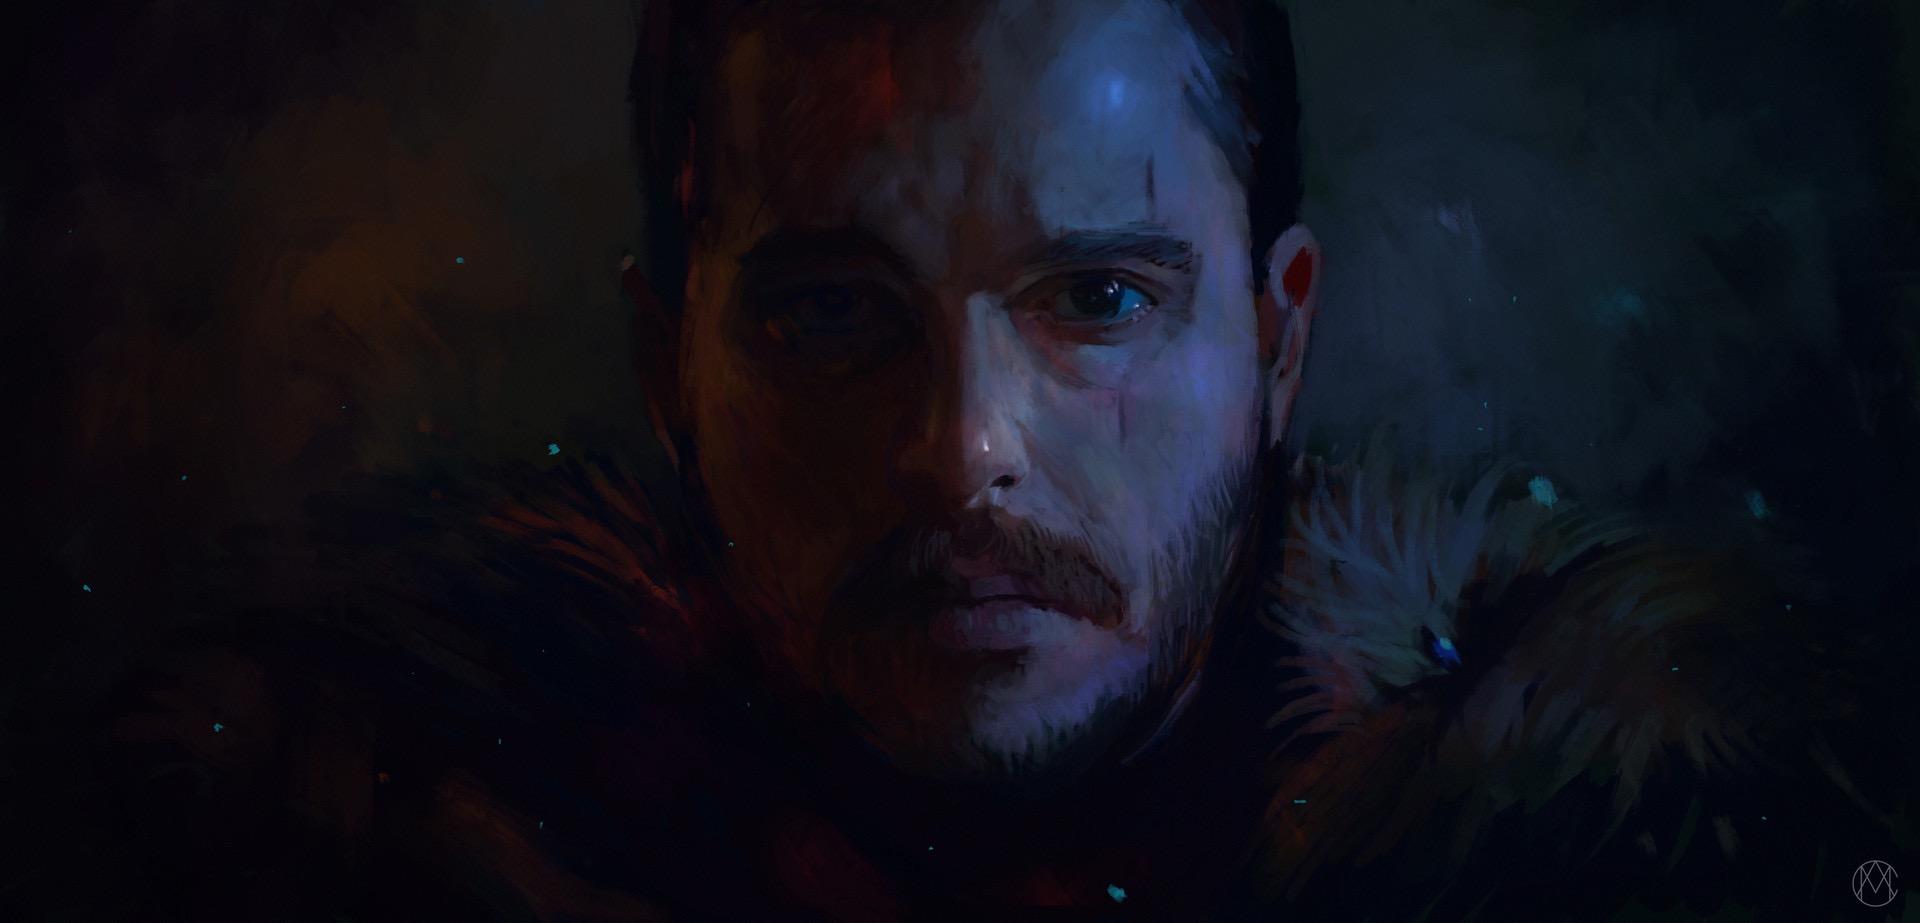 冰与火之歌高清壁纸_壁纸 : 冰与火之歌, 乔恩雪, Aegon Targaryen 1920x923 - xsellah - 1230196 ...